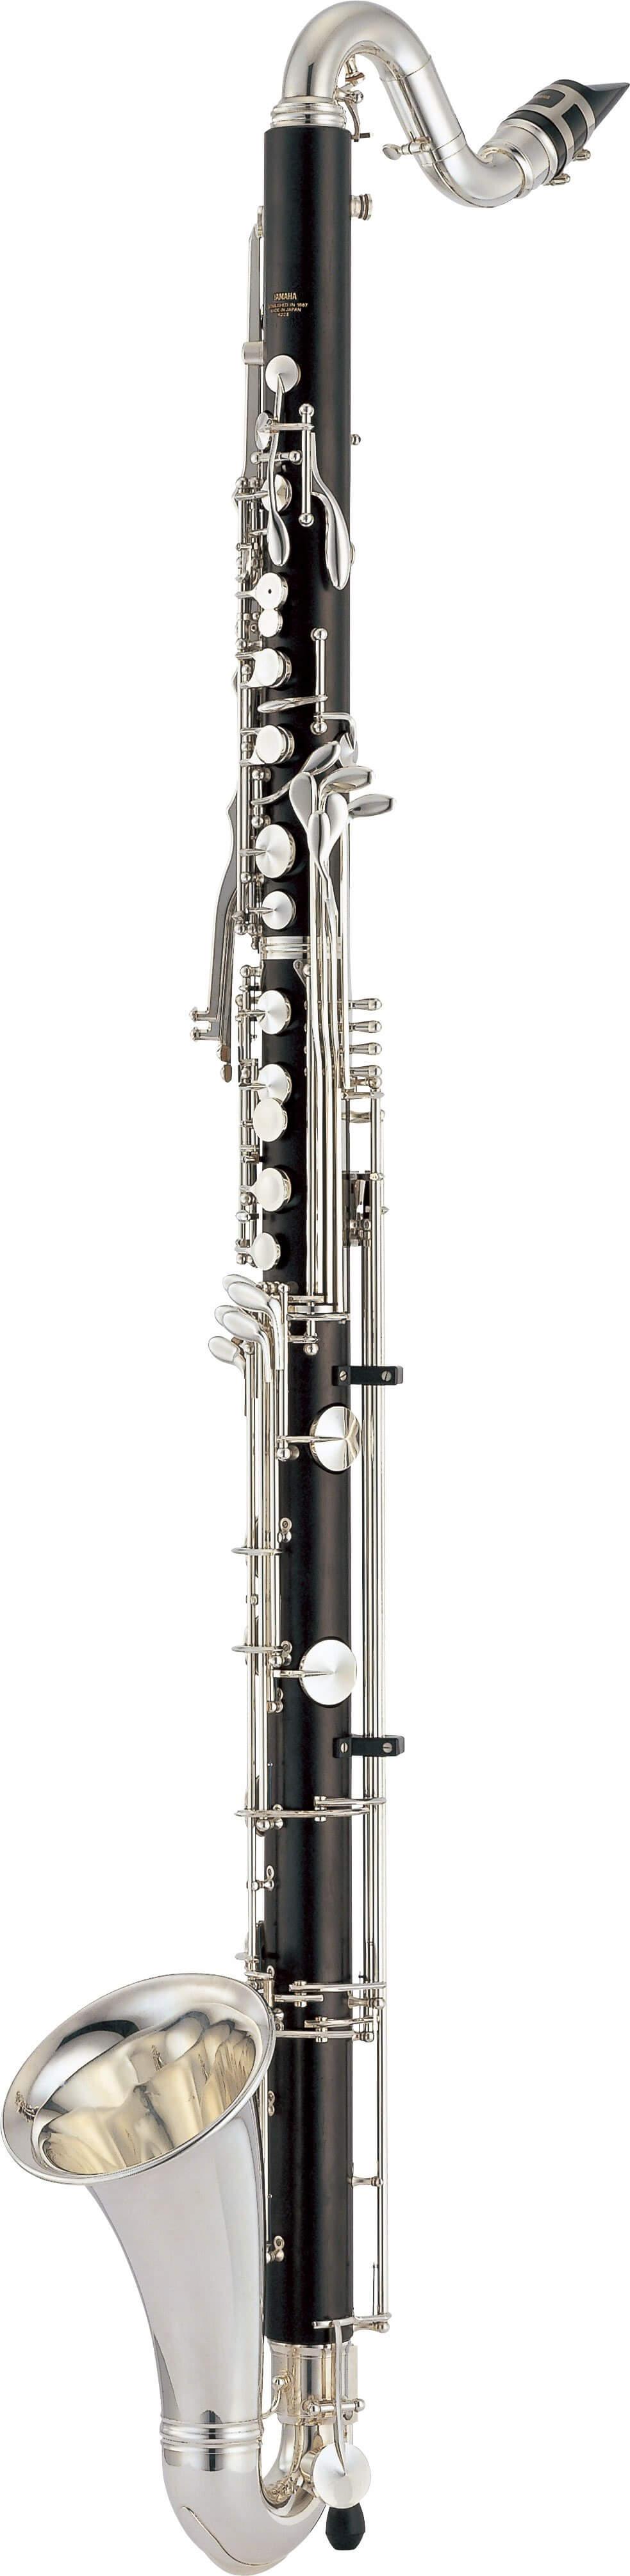 Clarinete Bajo en Sib Yamaha YCL-622II